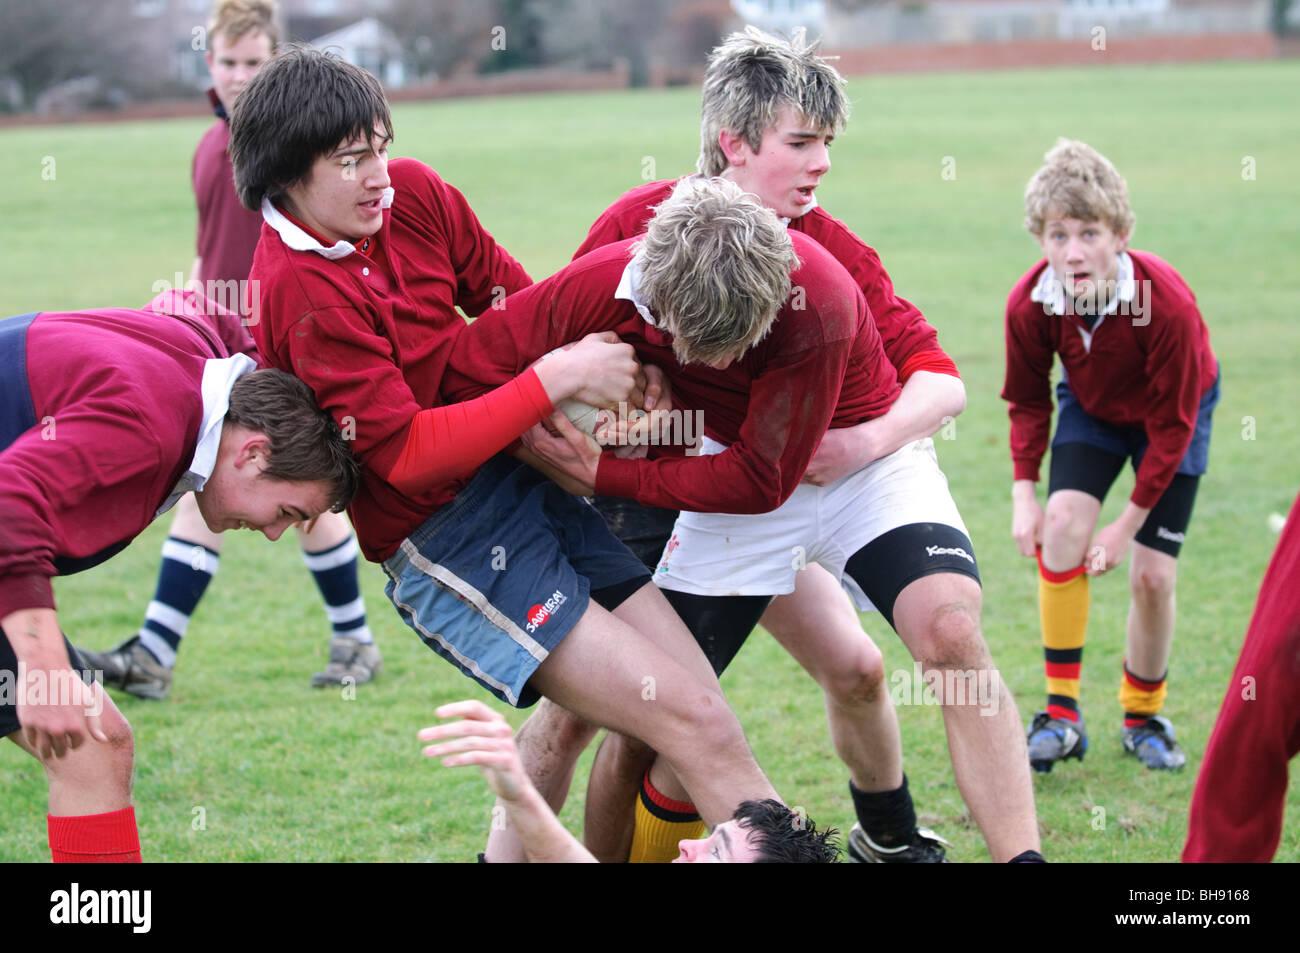 Ragazzi adolescenti giocando una partita di rugby, educazione fisica sport e giochi nella scuola secondaria, Wales Immagini Stock